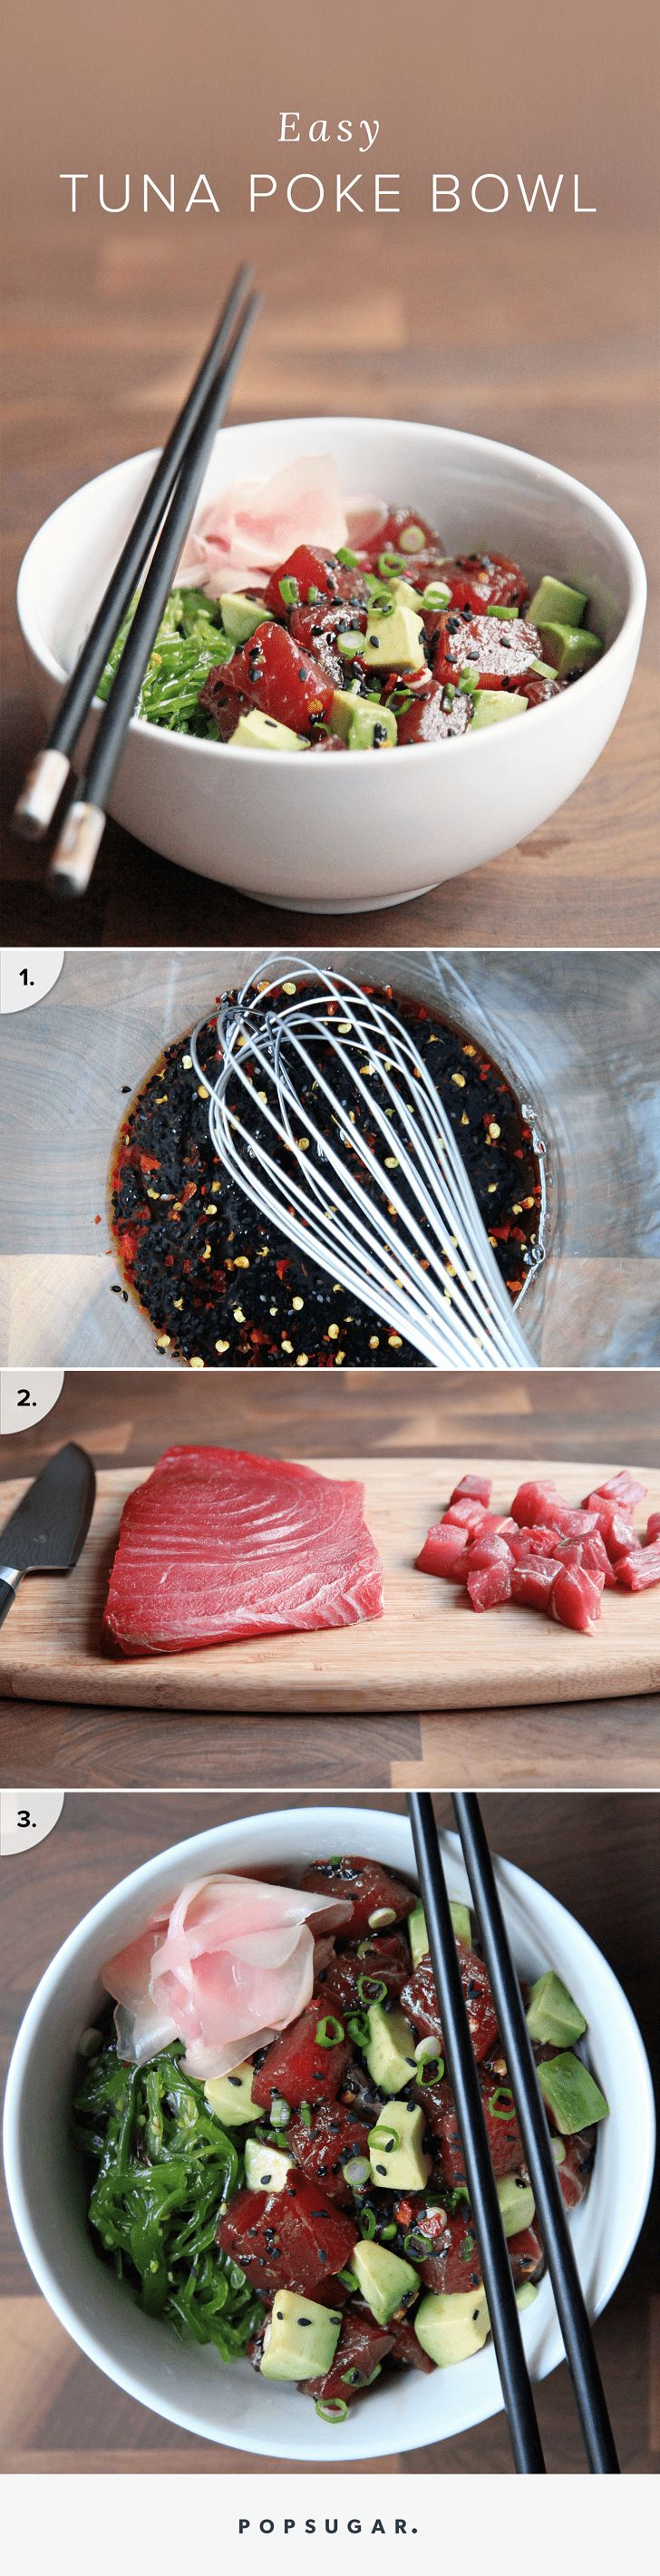 easy tuna poke bowl